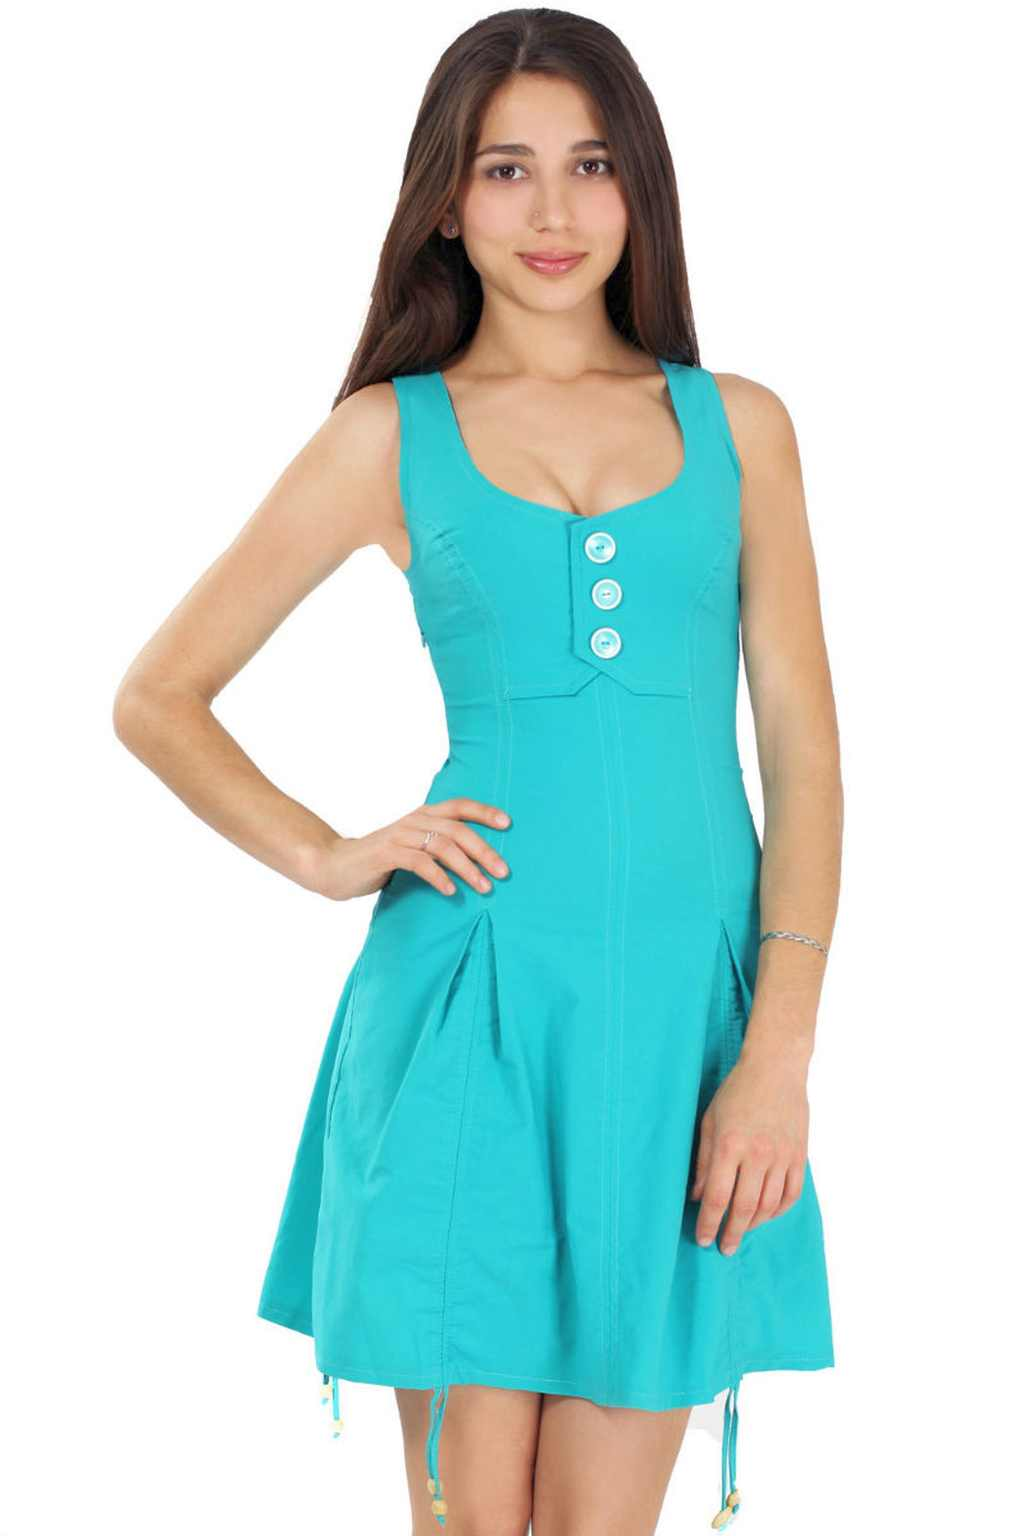 Женская одежда. Бывает ли она качественной и при этом недорогой?